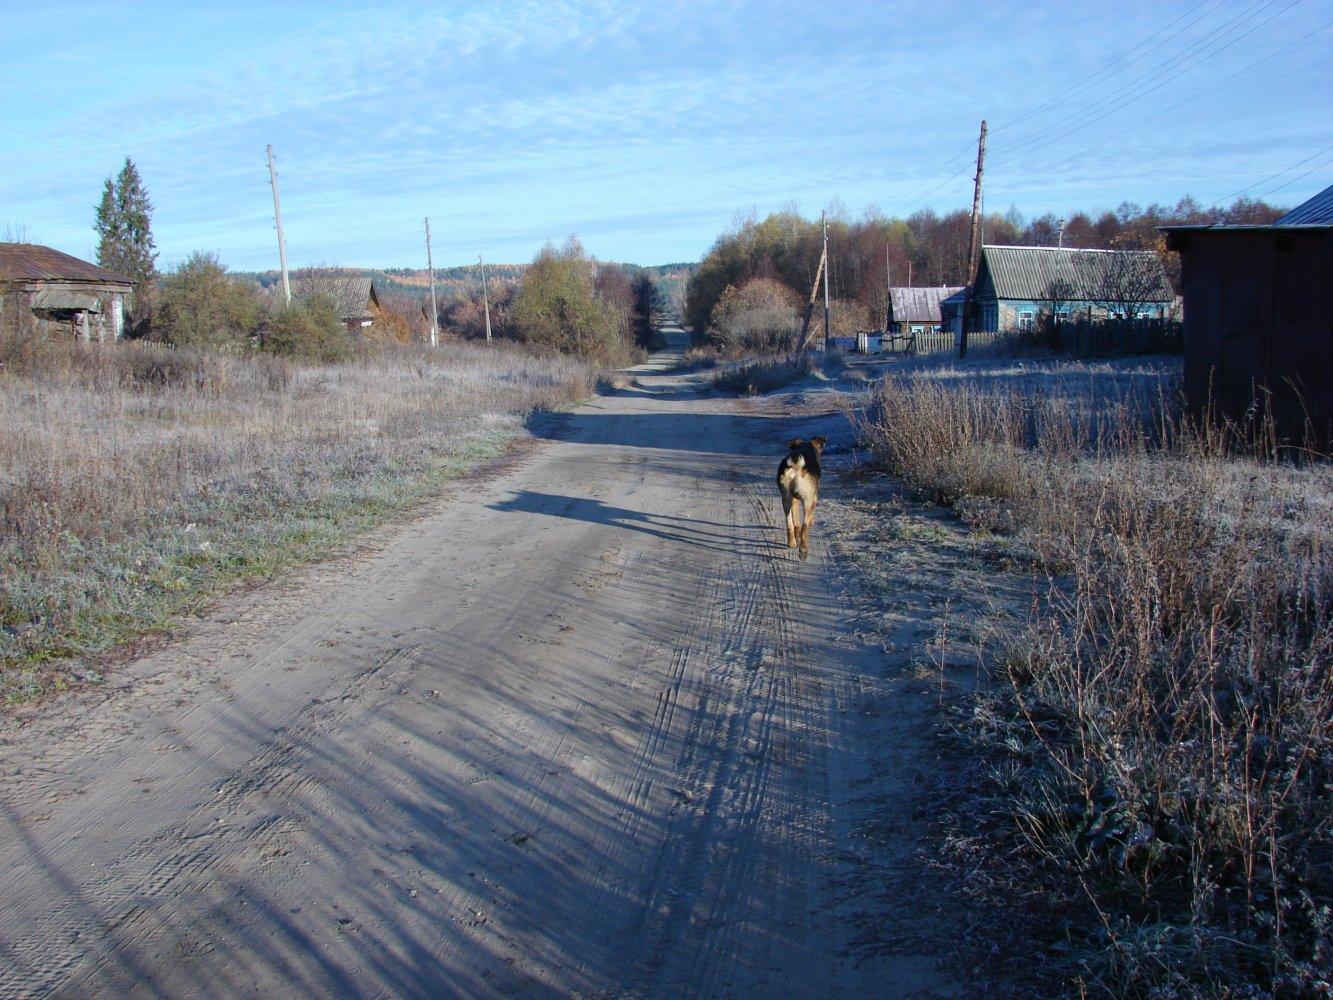 Фото DSC05951.JPG. Россия, Ульяновская область, Unnamed Road